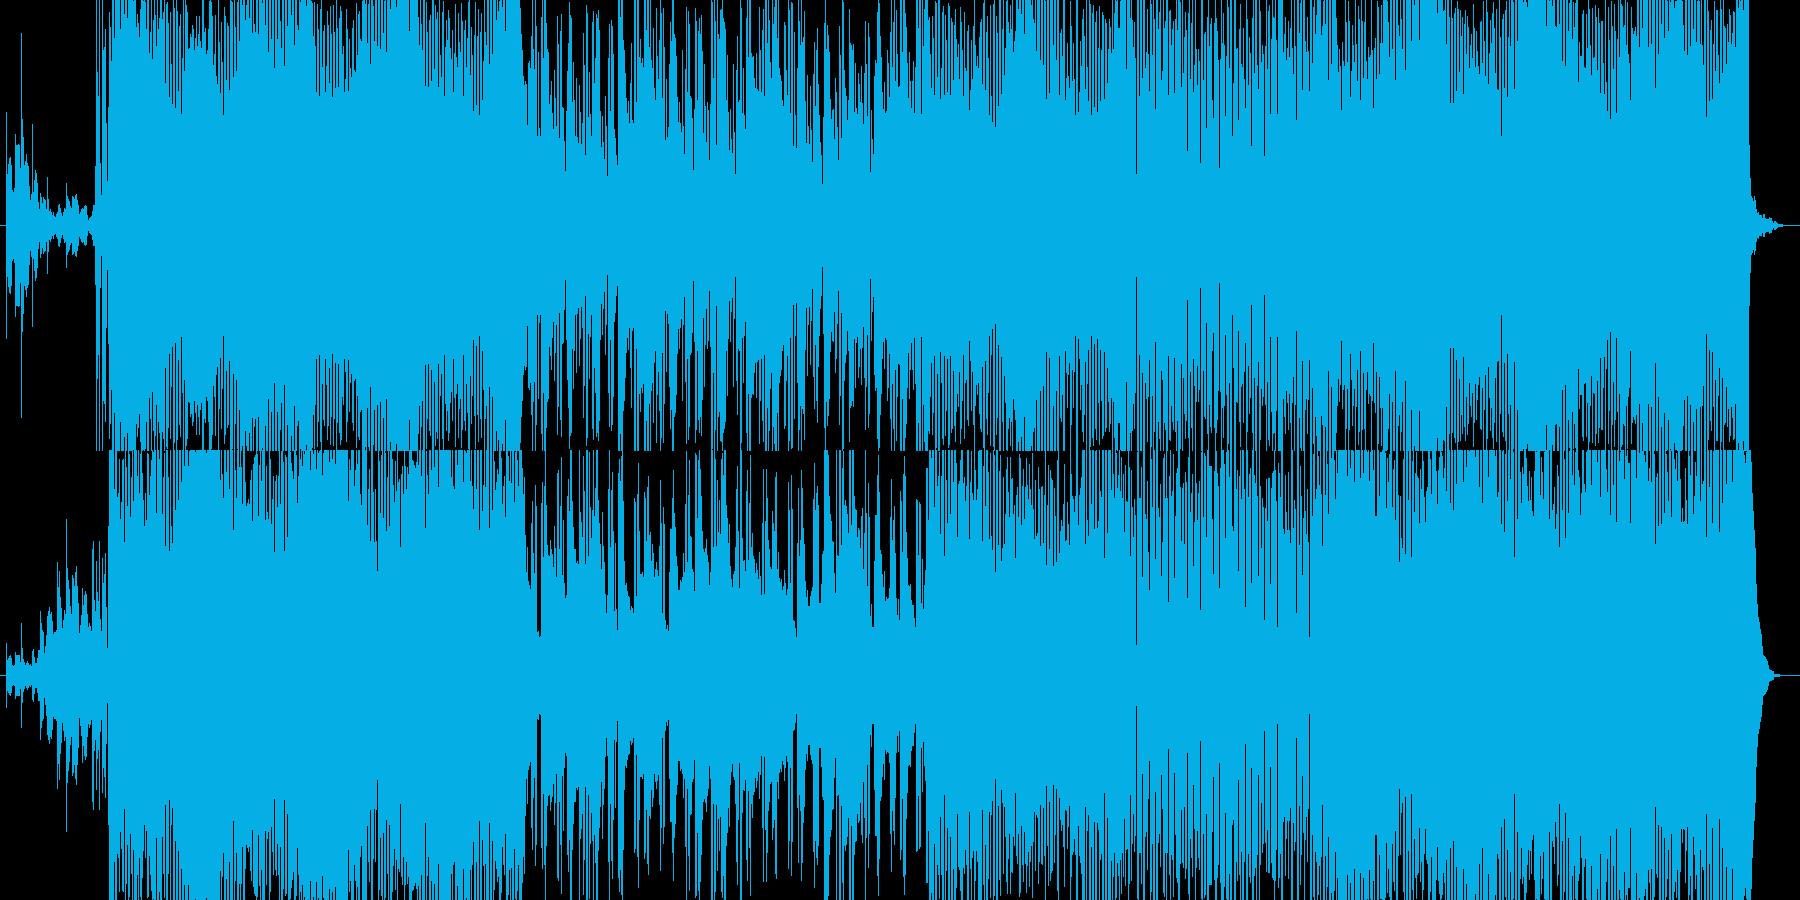 【ピアノ】夏 海 爽やか【ギター】の再生済みの波形